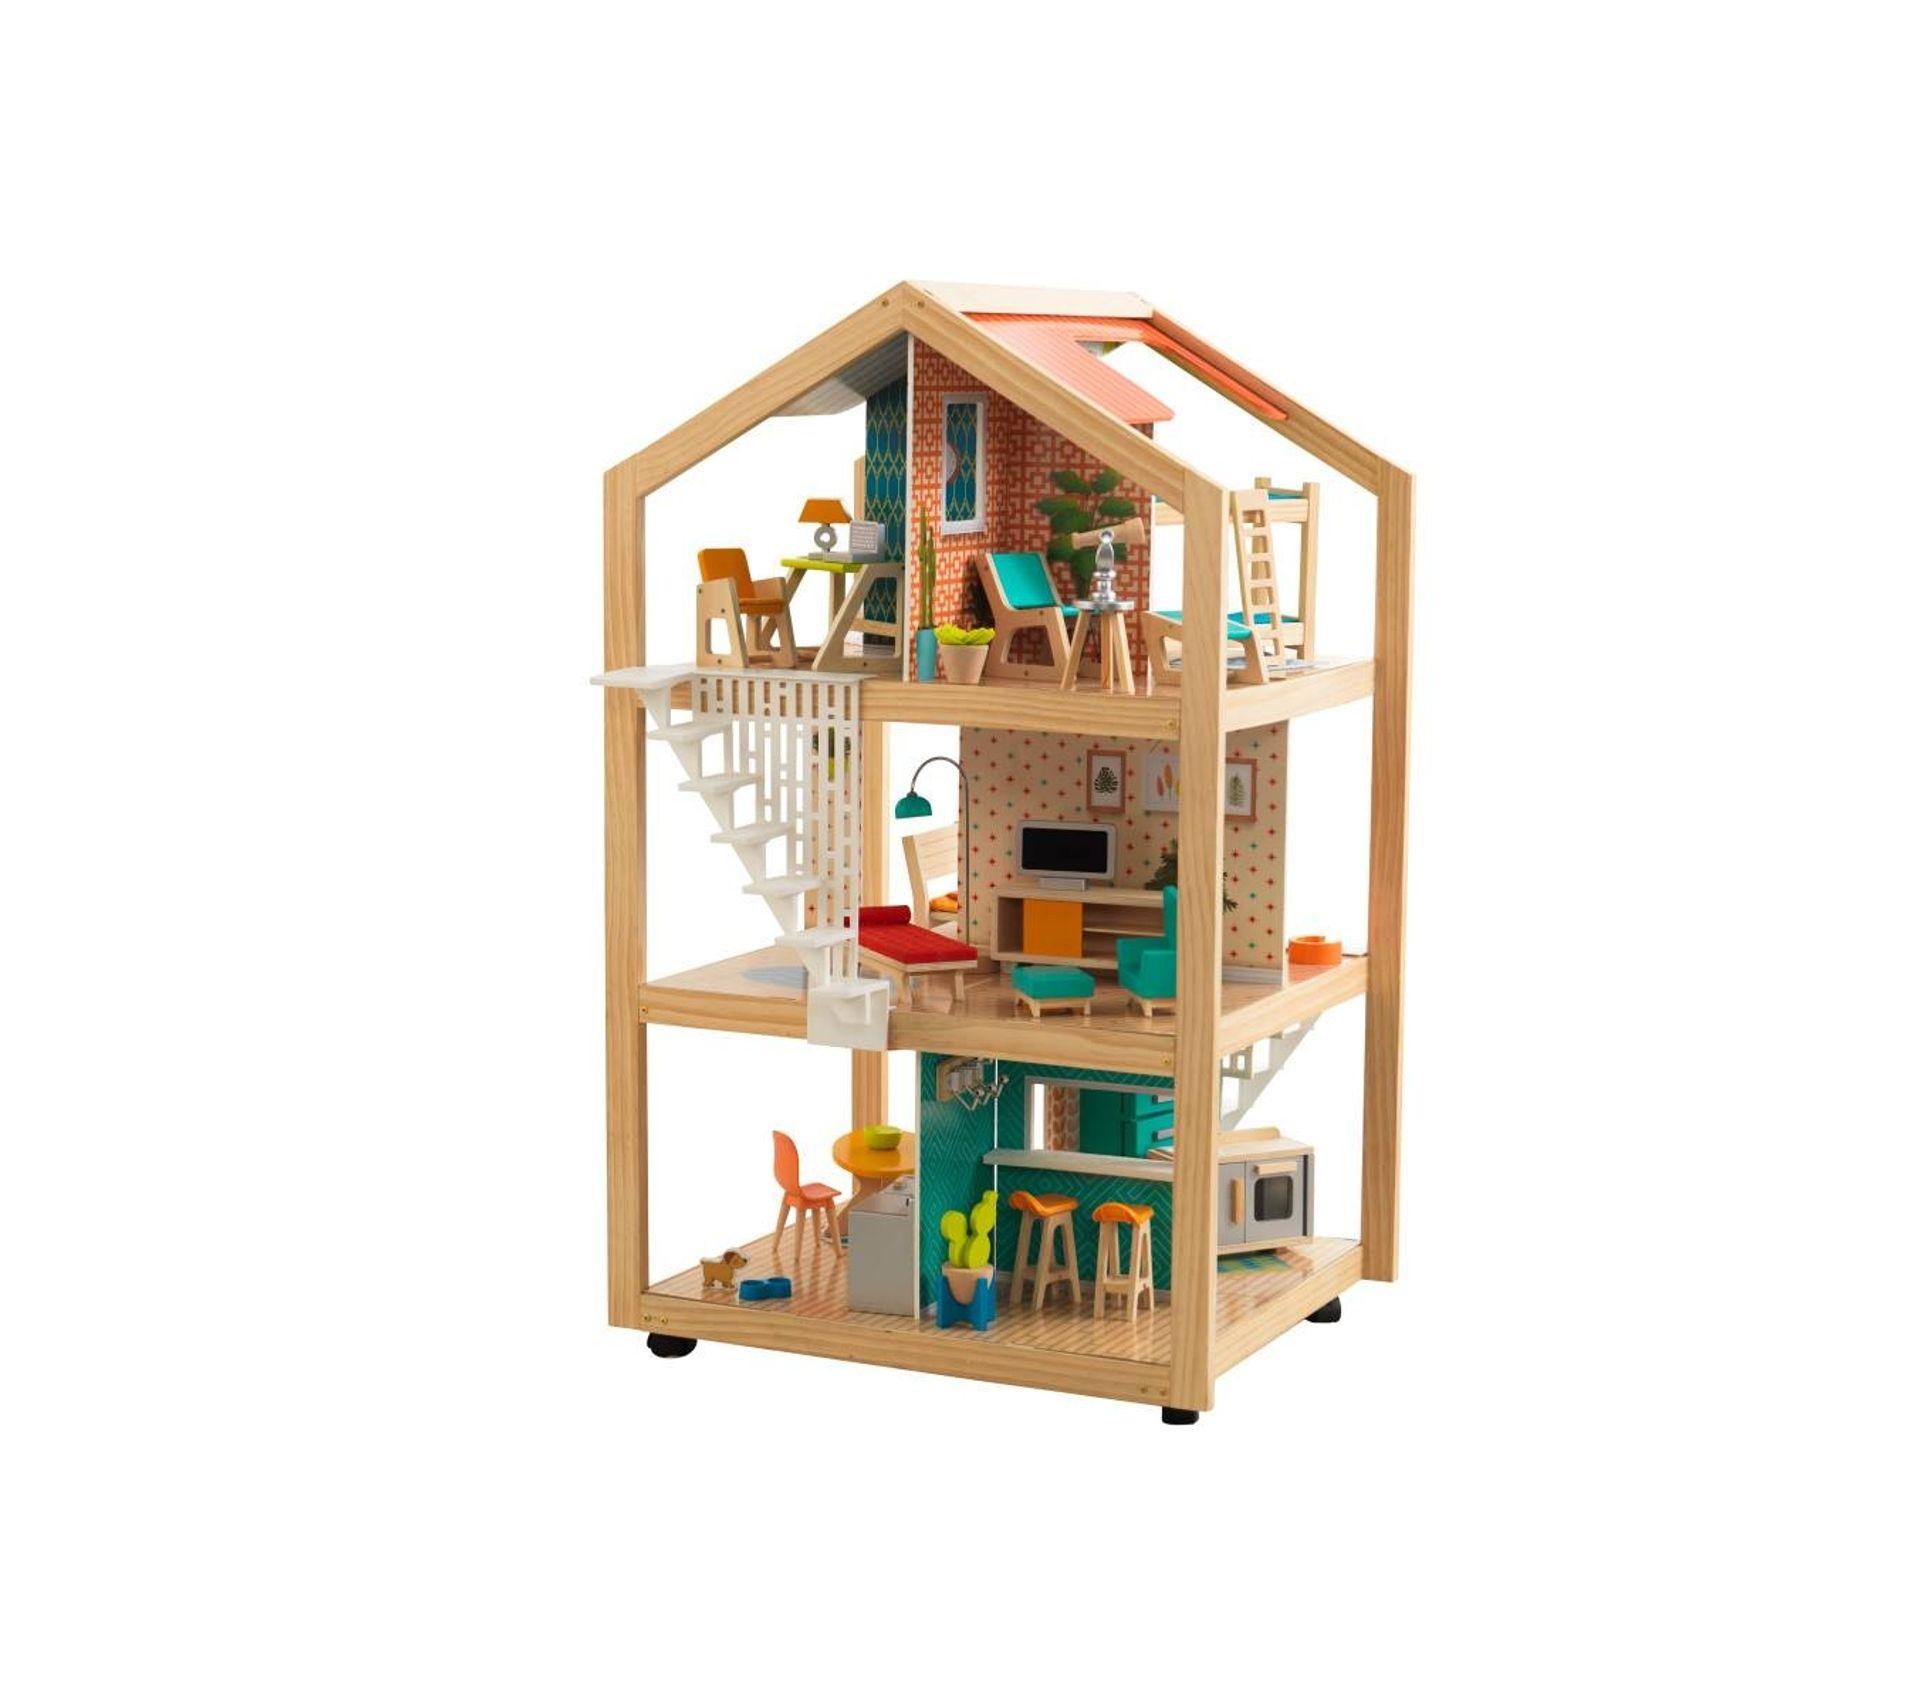 Maison de Poupées en bois contre-boîte